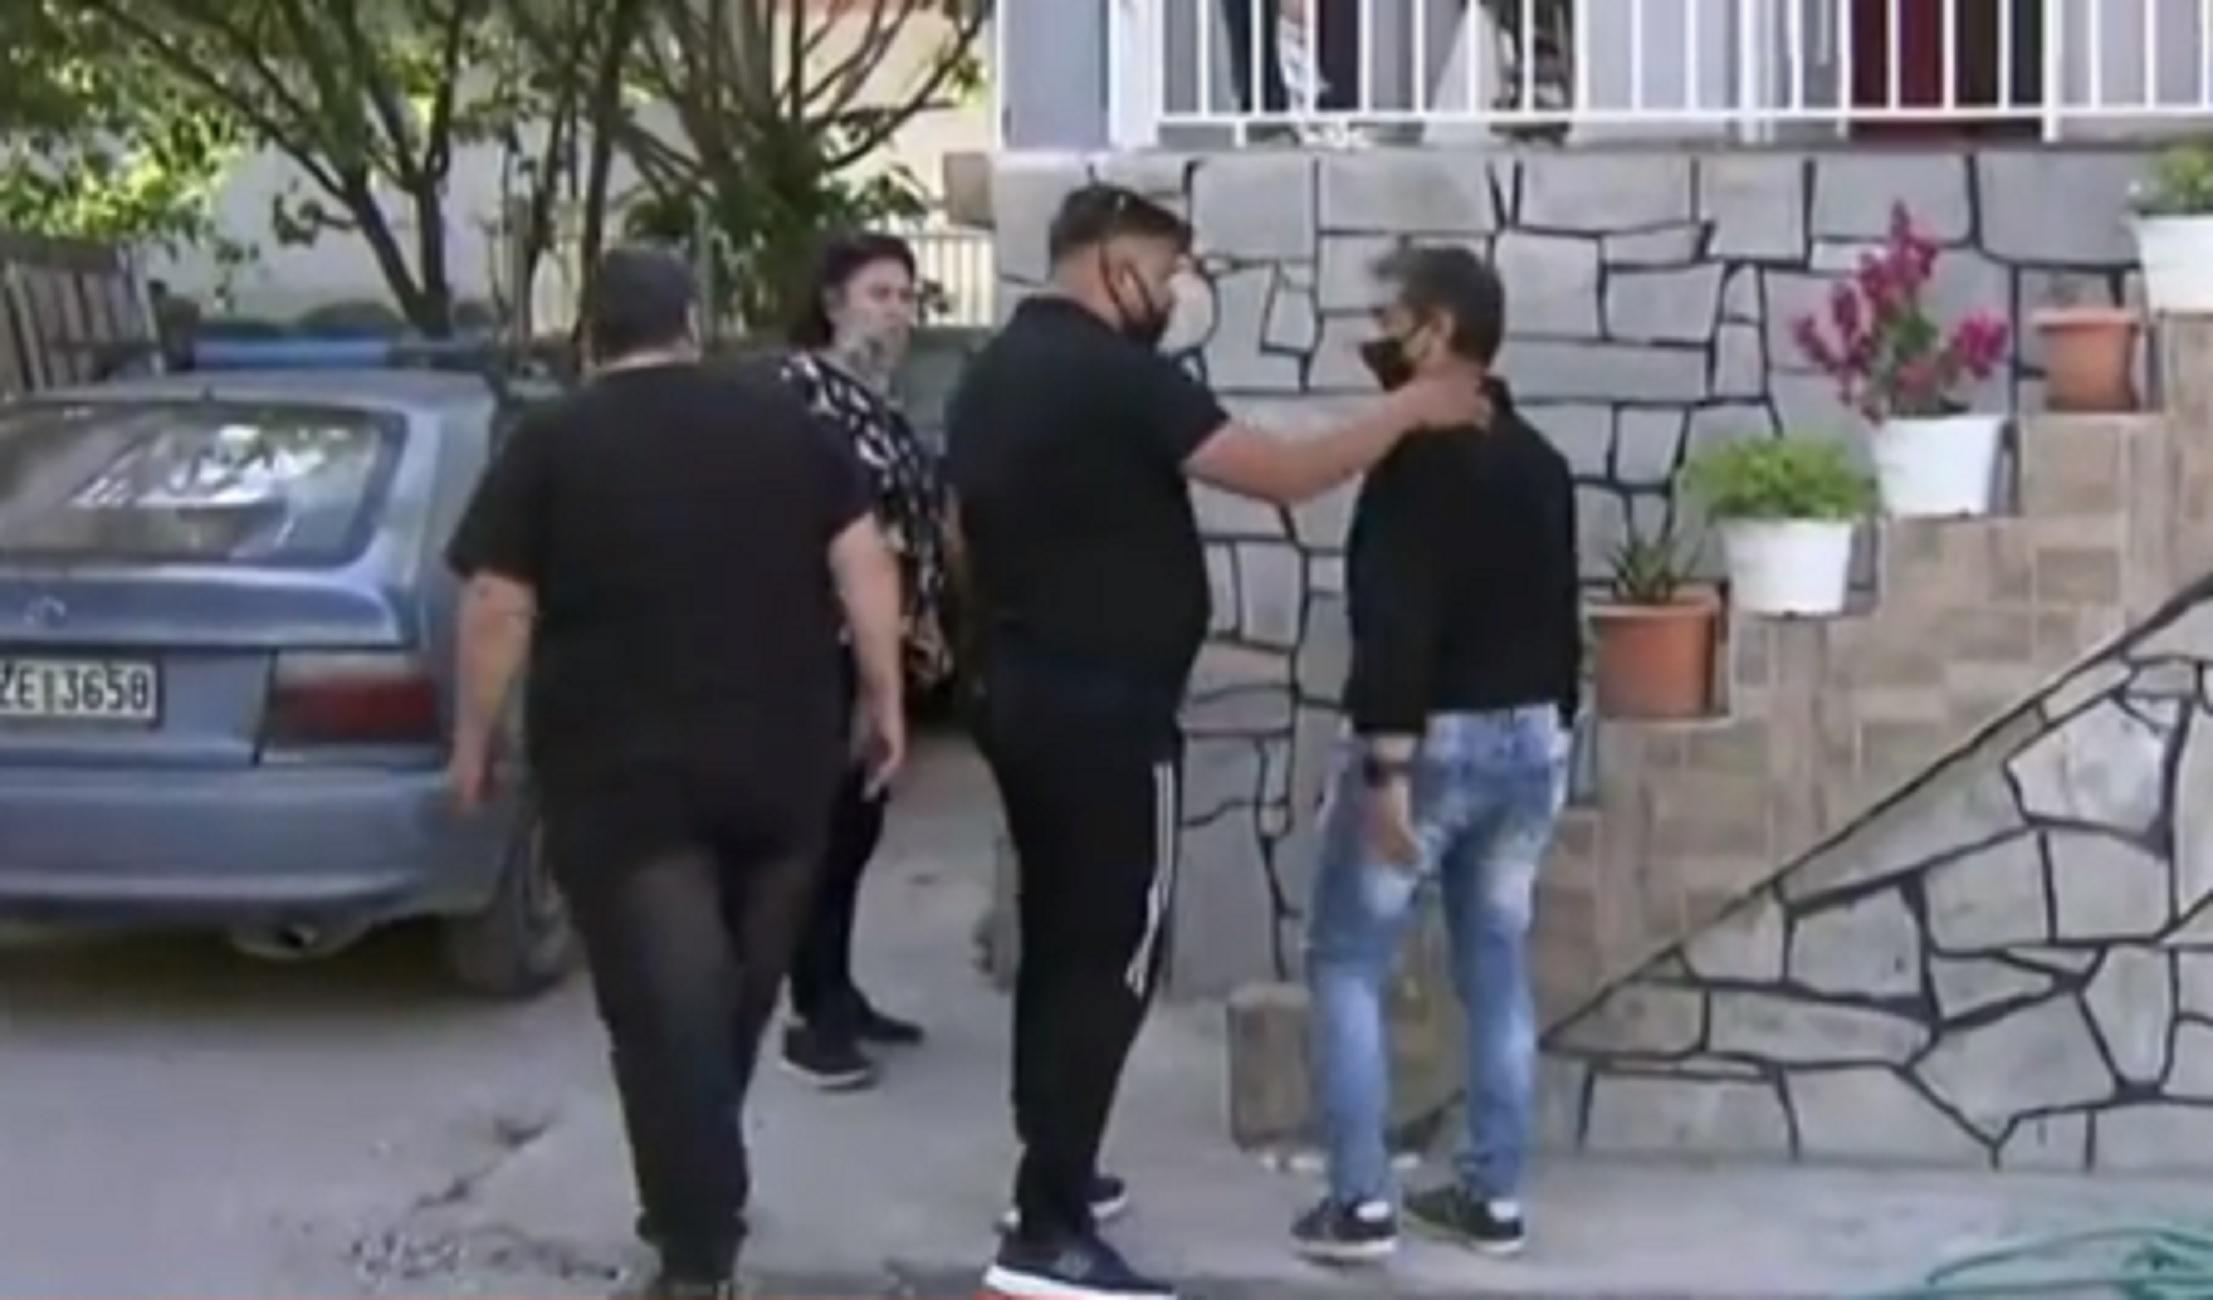 Θεσσαλονίκη: Θρίλερ με τον θάνατο της 44χρονης – «Προφανώς είχε κάτι που την έκανε ευάλωτη στο εμβόλιο»